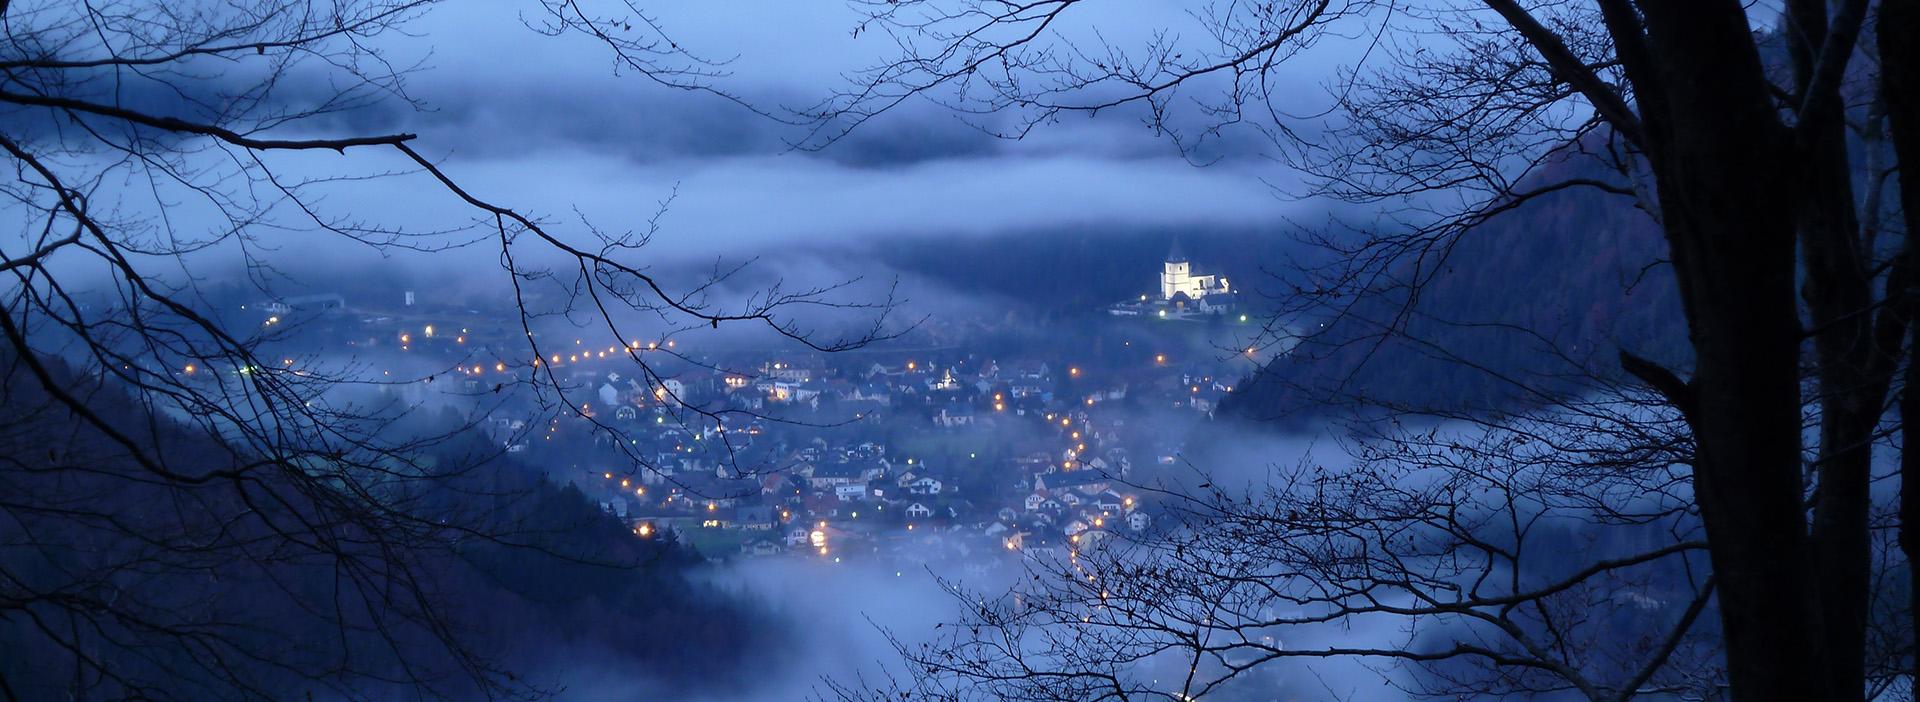 Hollenstein/Ybbs im Nebel